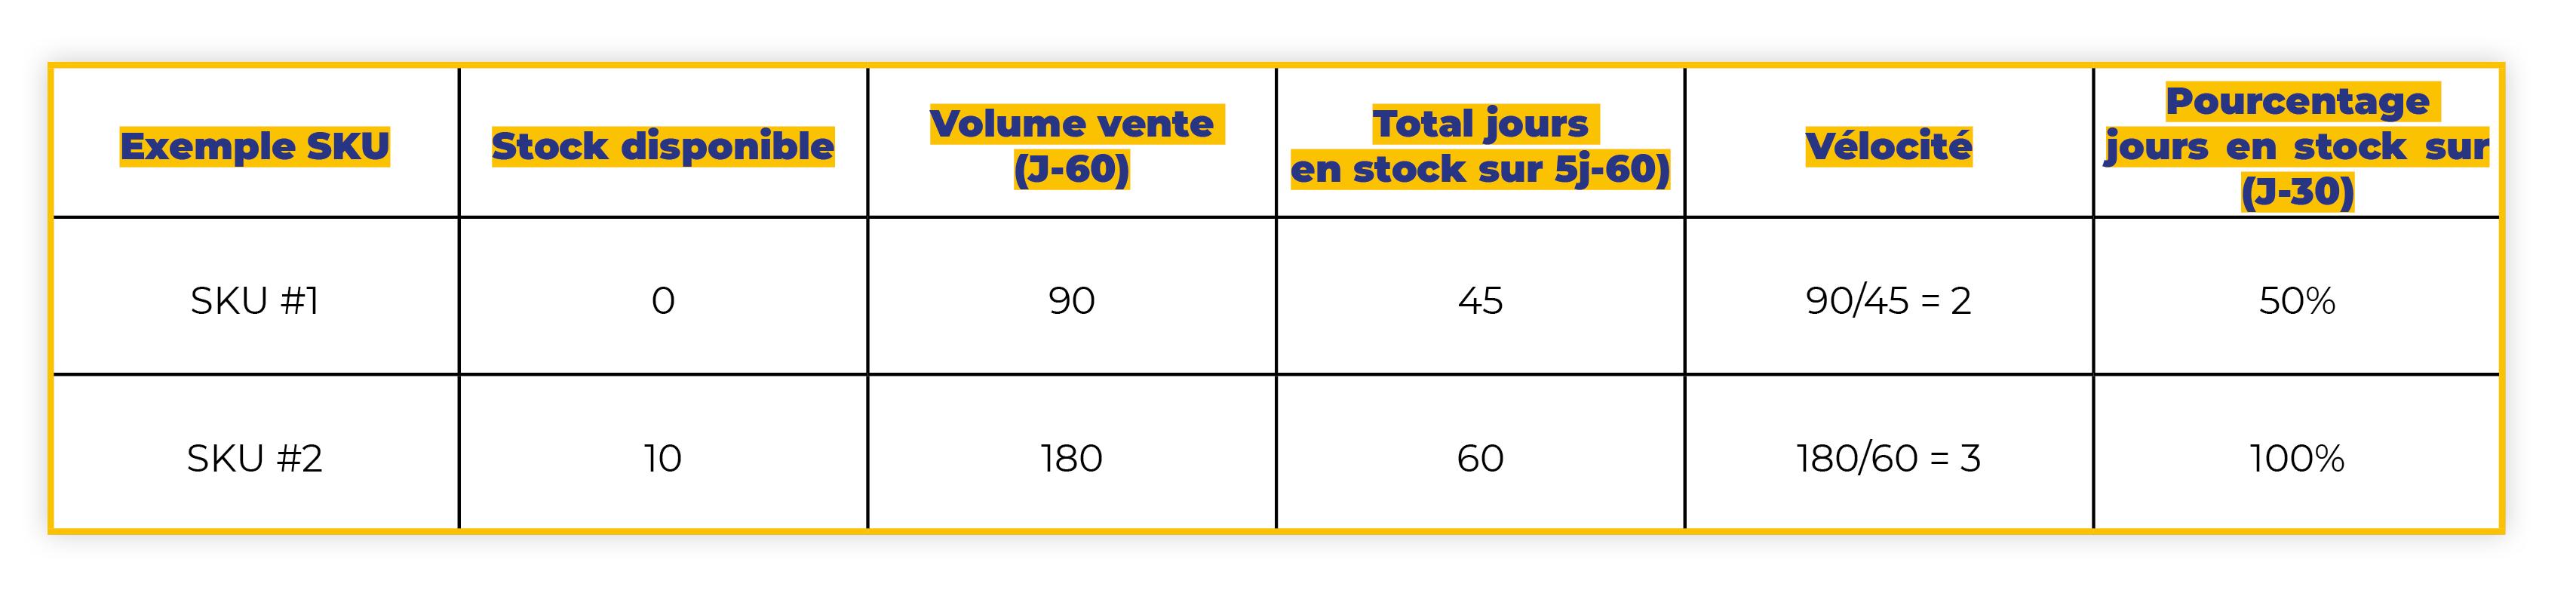 Tableau de calcul IPI Score Amazon